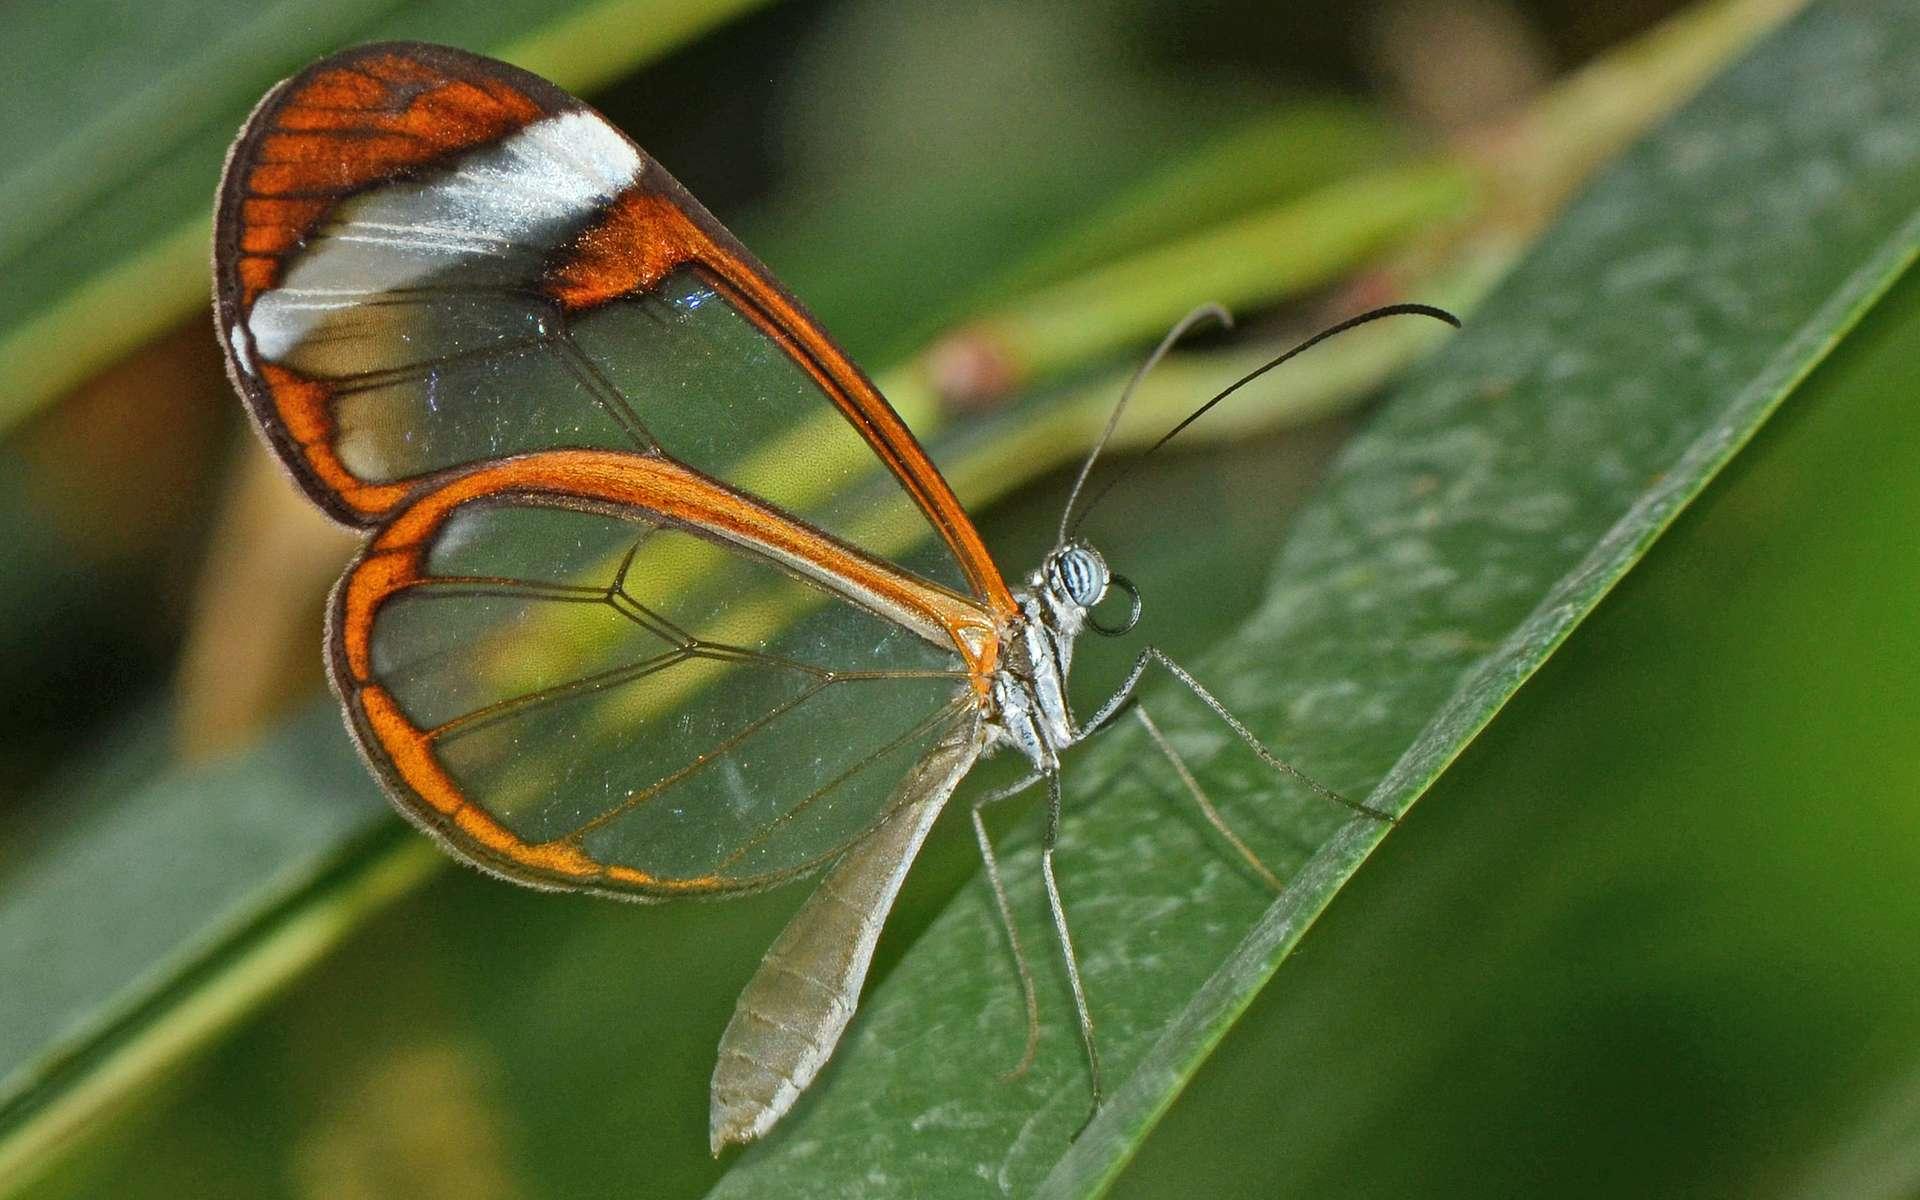 Le Greta Oto est un papillon dont les ailes sont transparentes aux longueurs d'onde du visible. © Alias 0591, Flickr, CC by 2.0